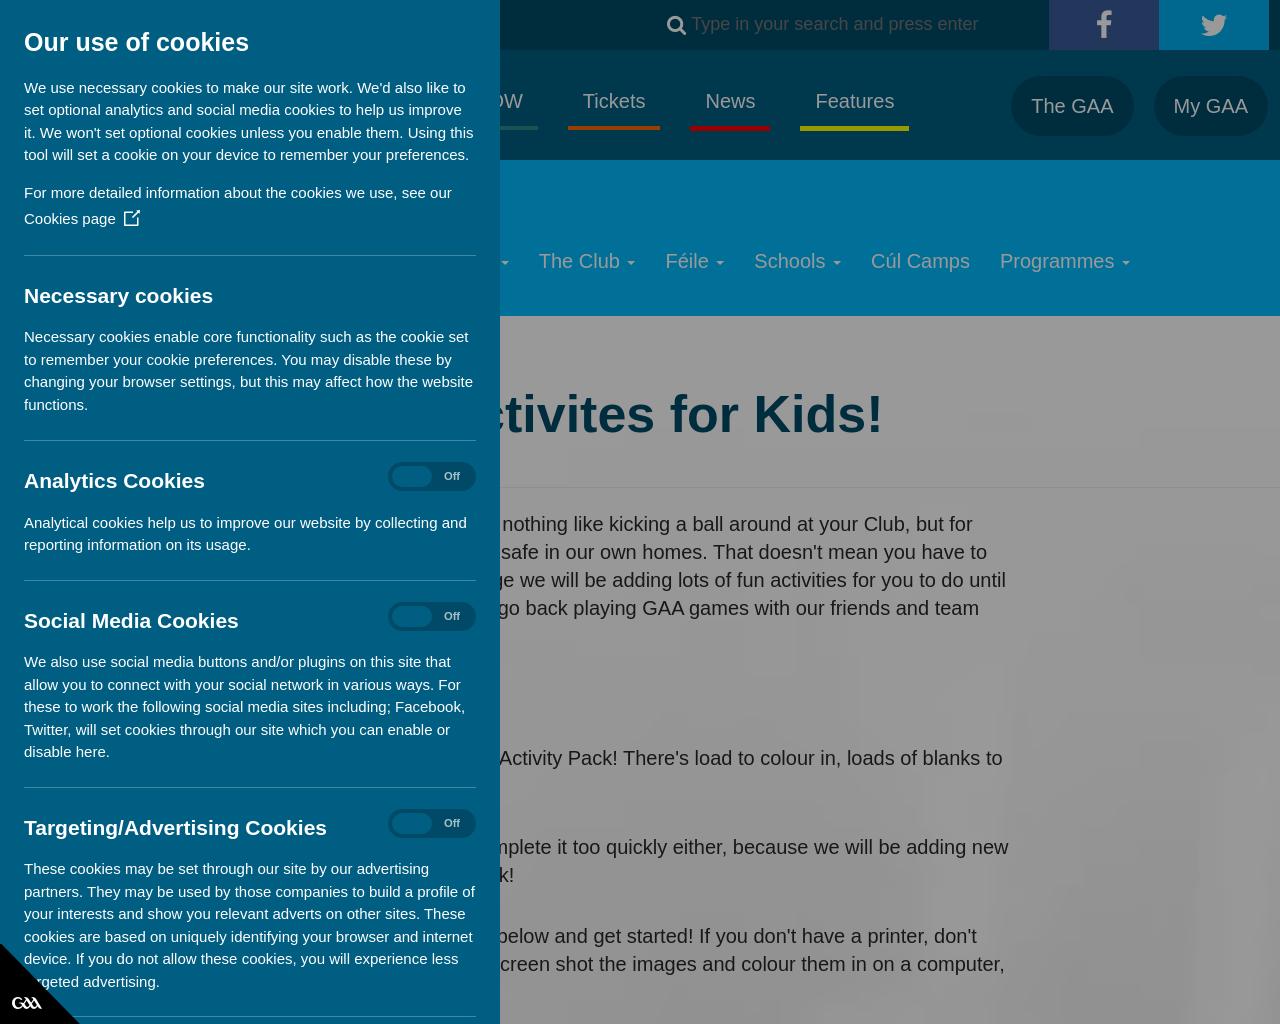 GAA Activities For Kids